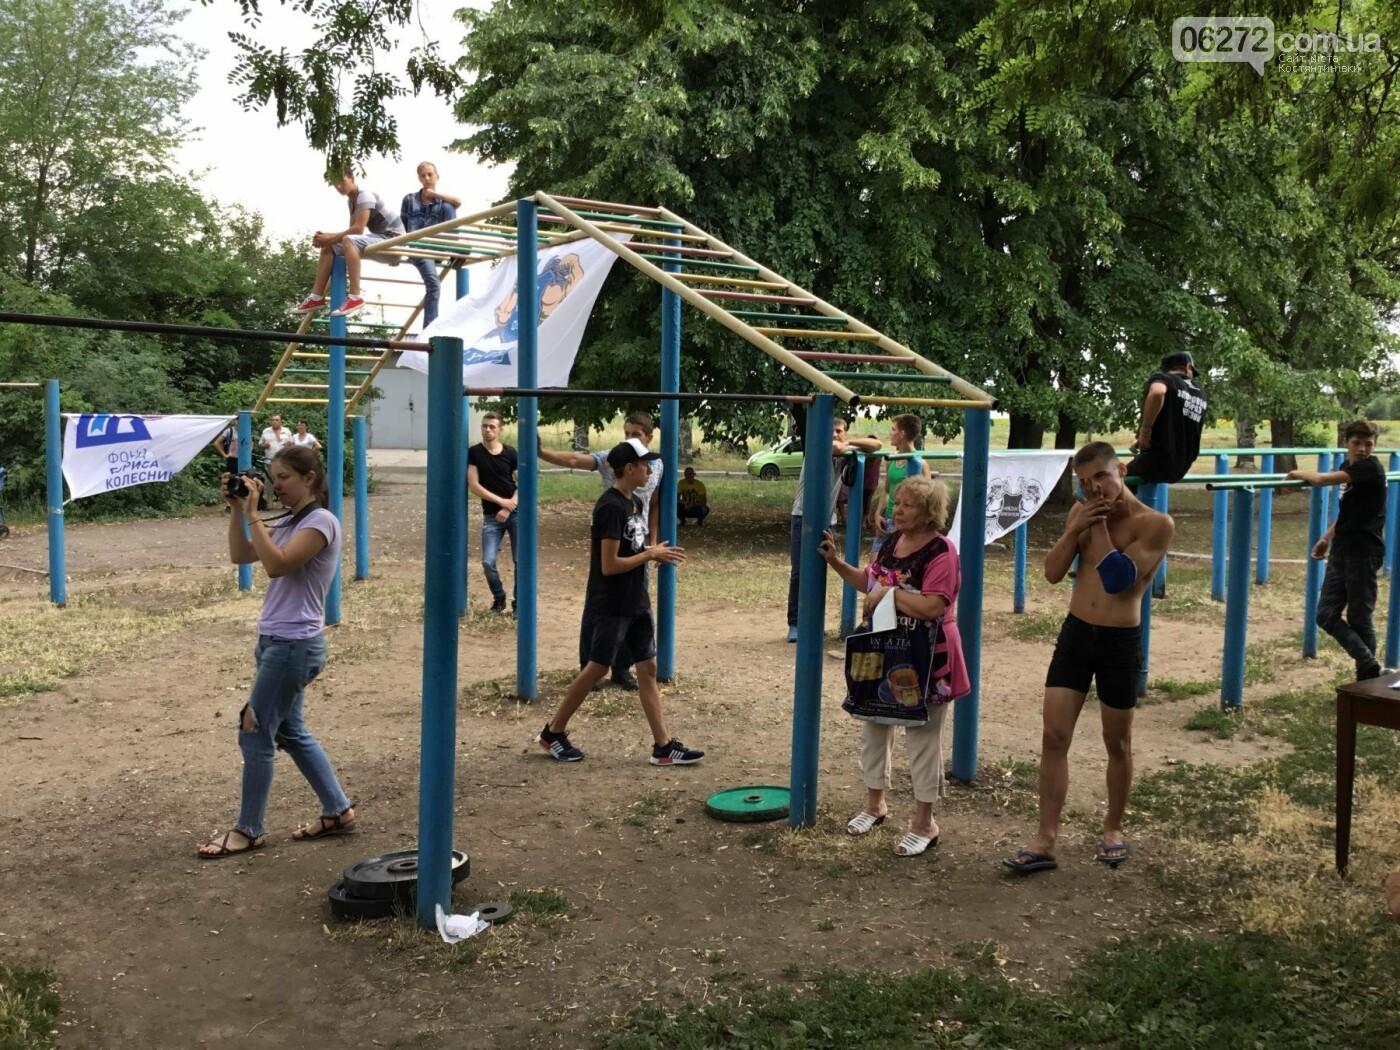 Фото с соревнований по Workout в Константиновке, фото-24